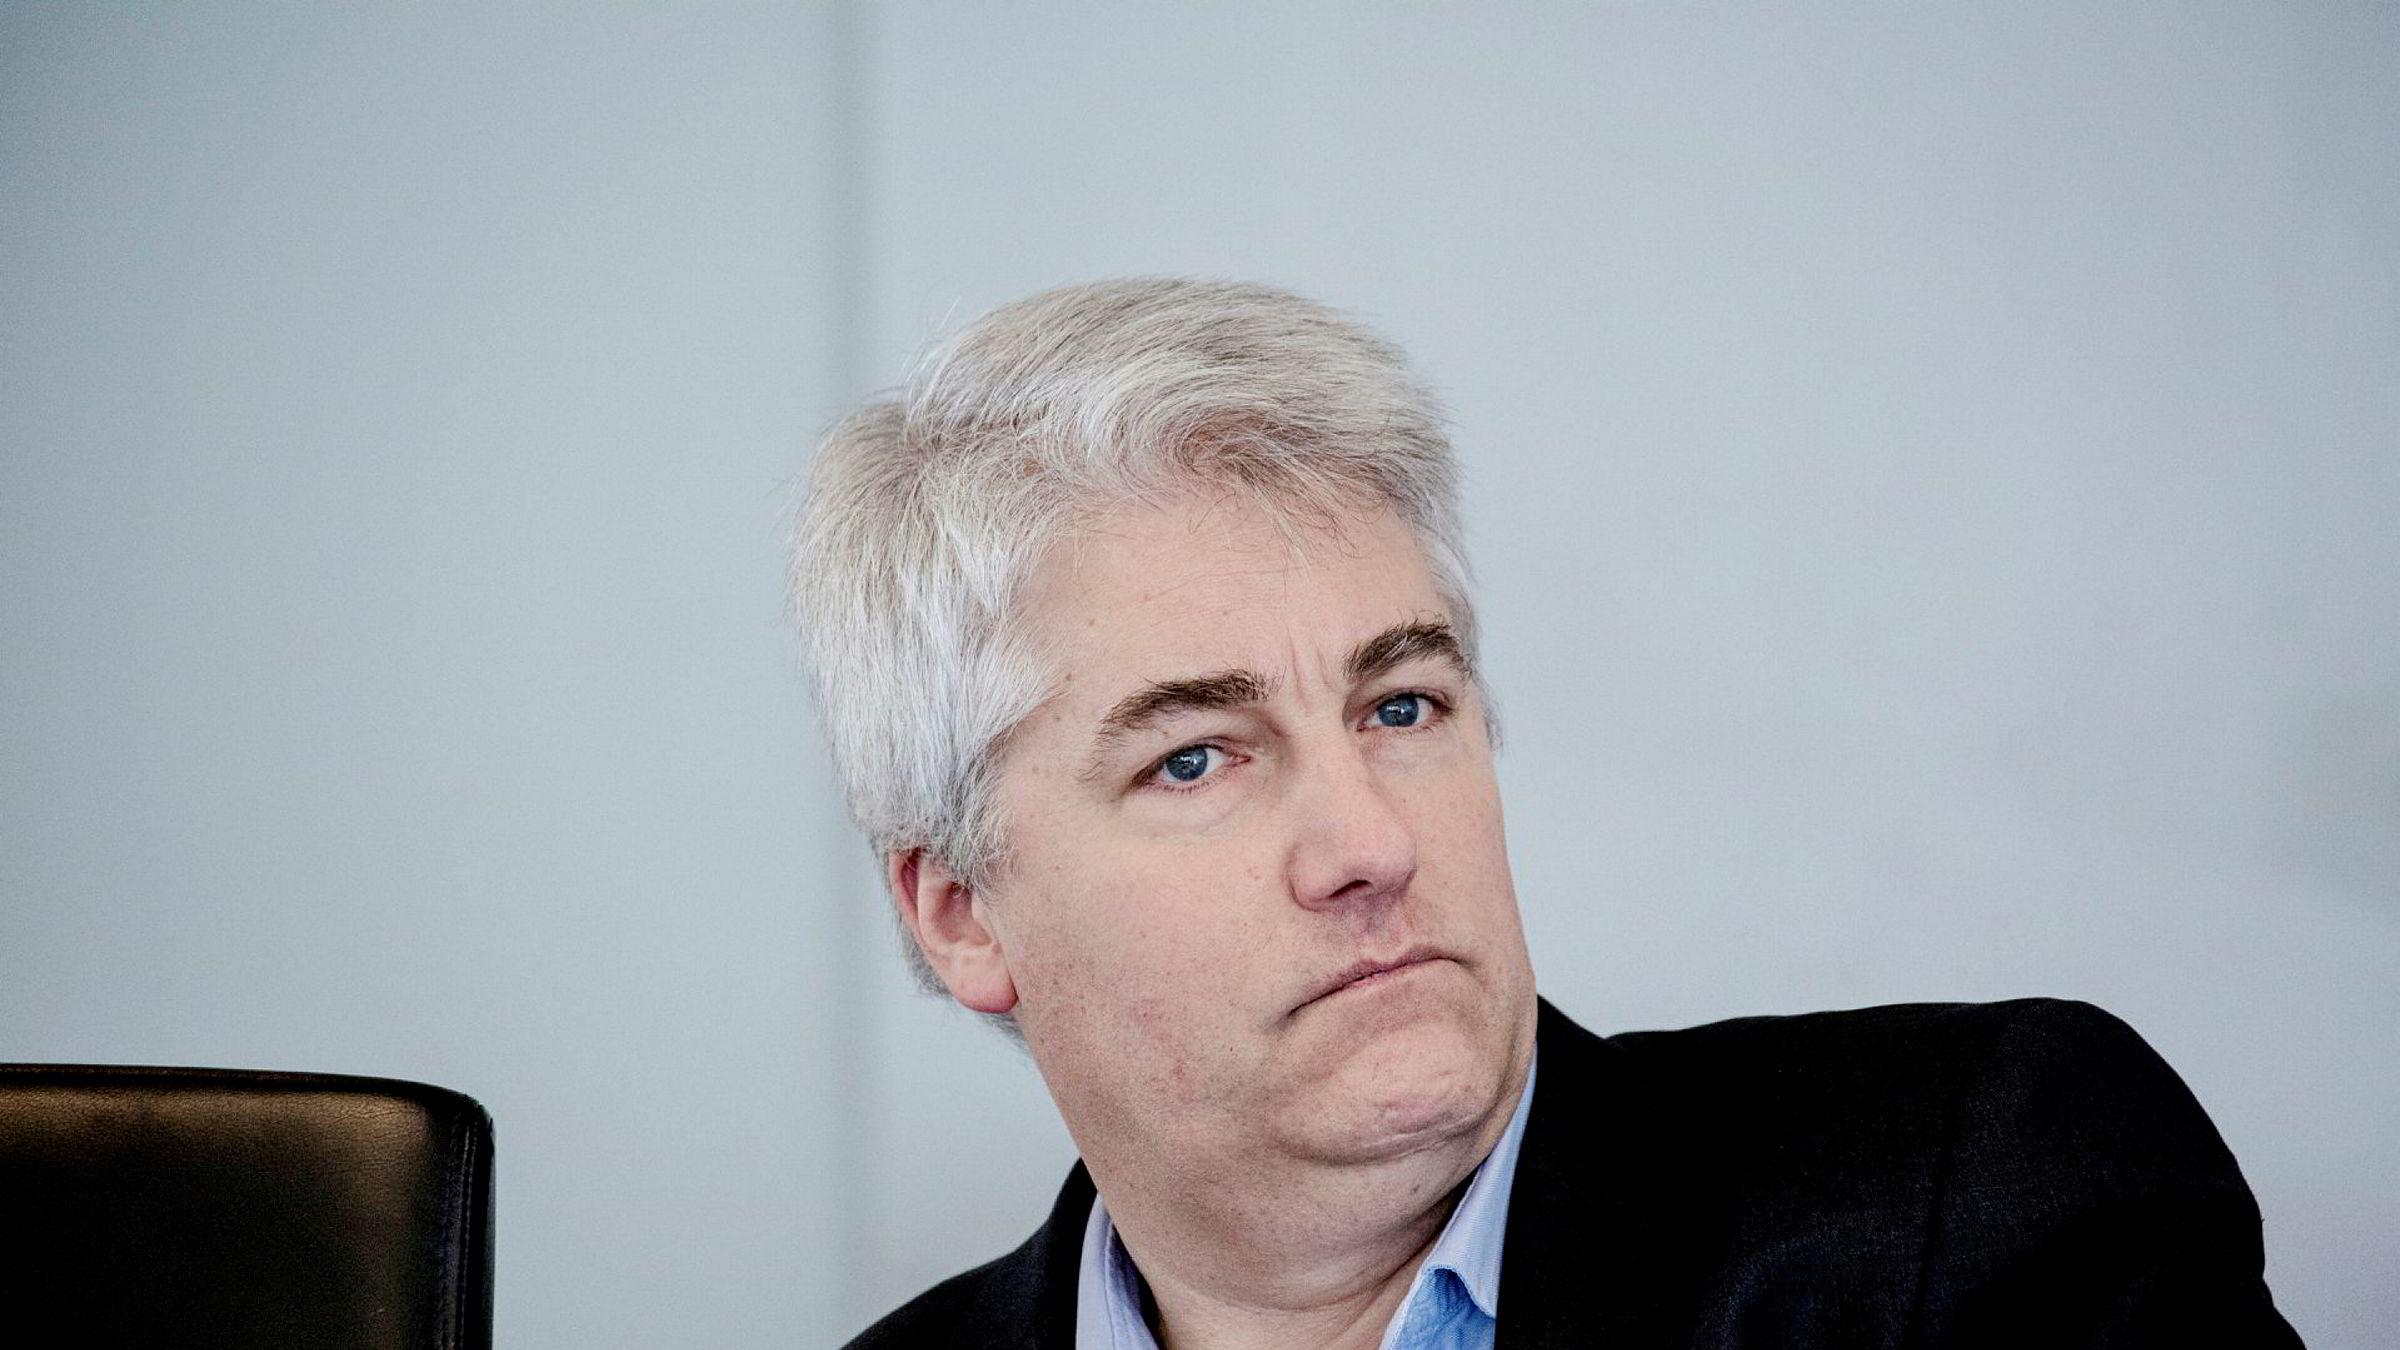 NHOS sjeføkonom Øystein Dørum tror ikke Norge kan opprettholde dagens velferdsordninger uten å ta grep.